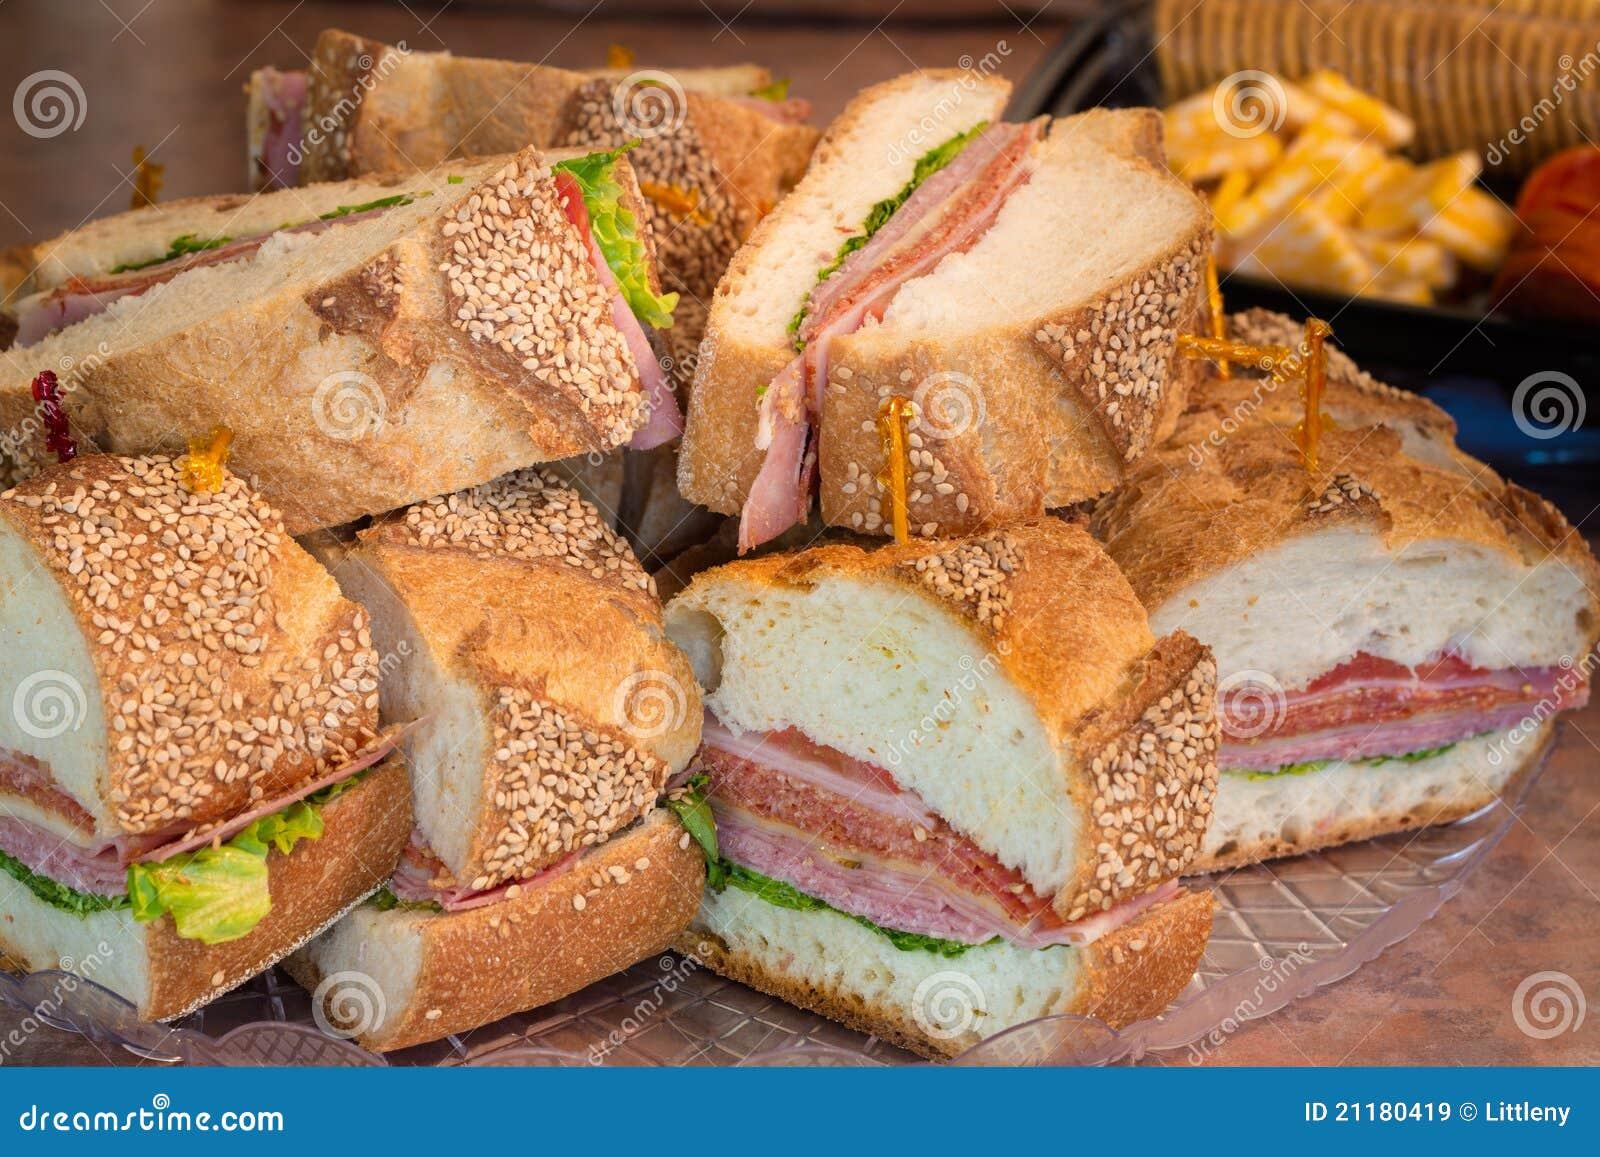 Italian Party Sandwich